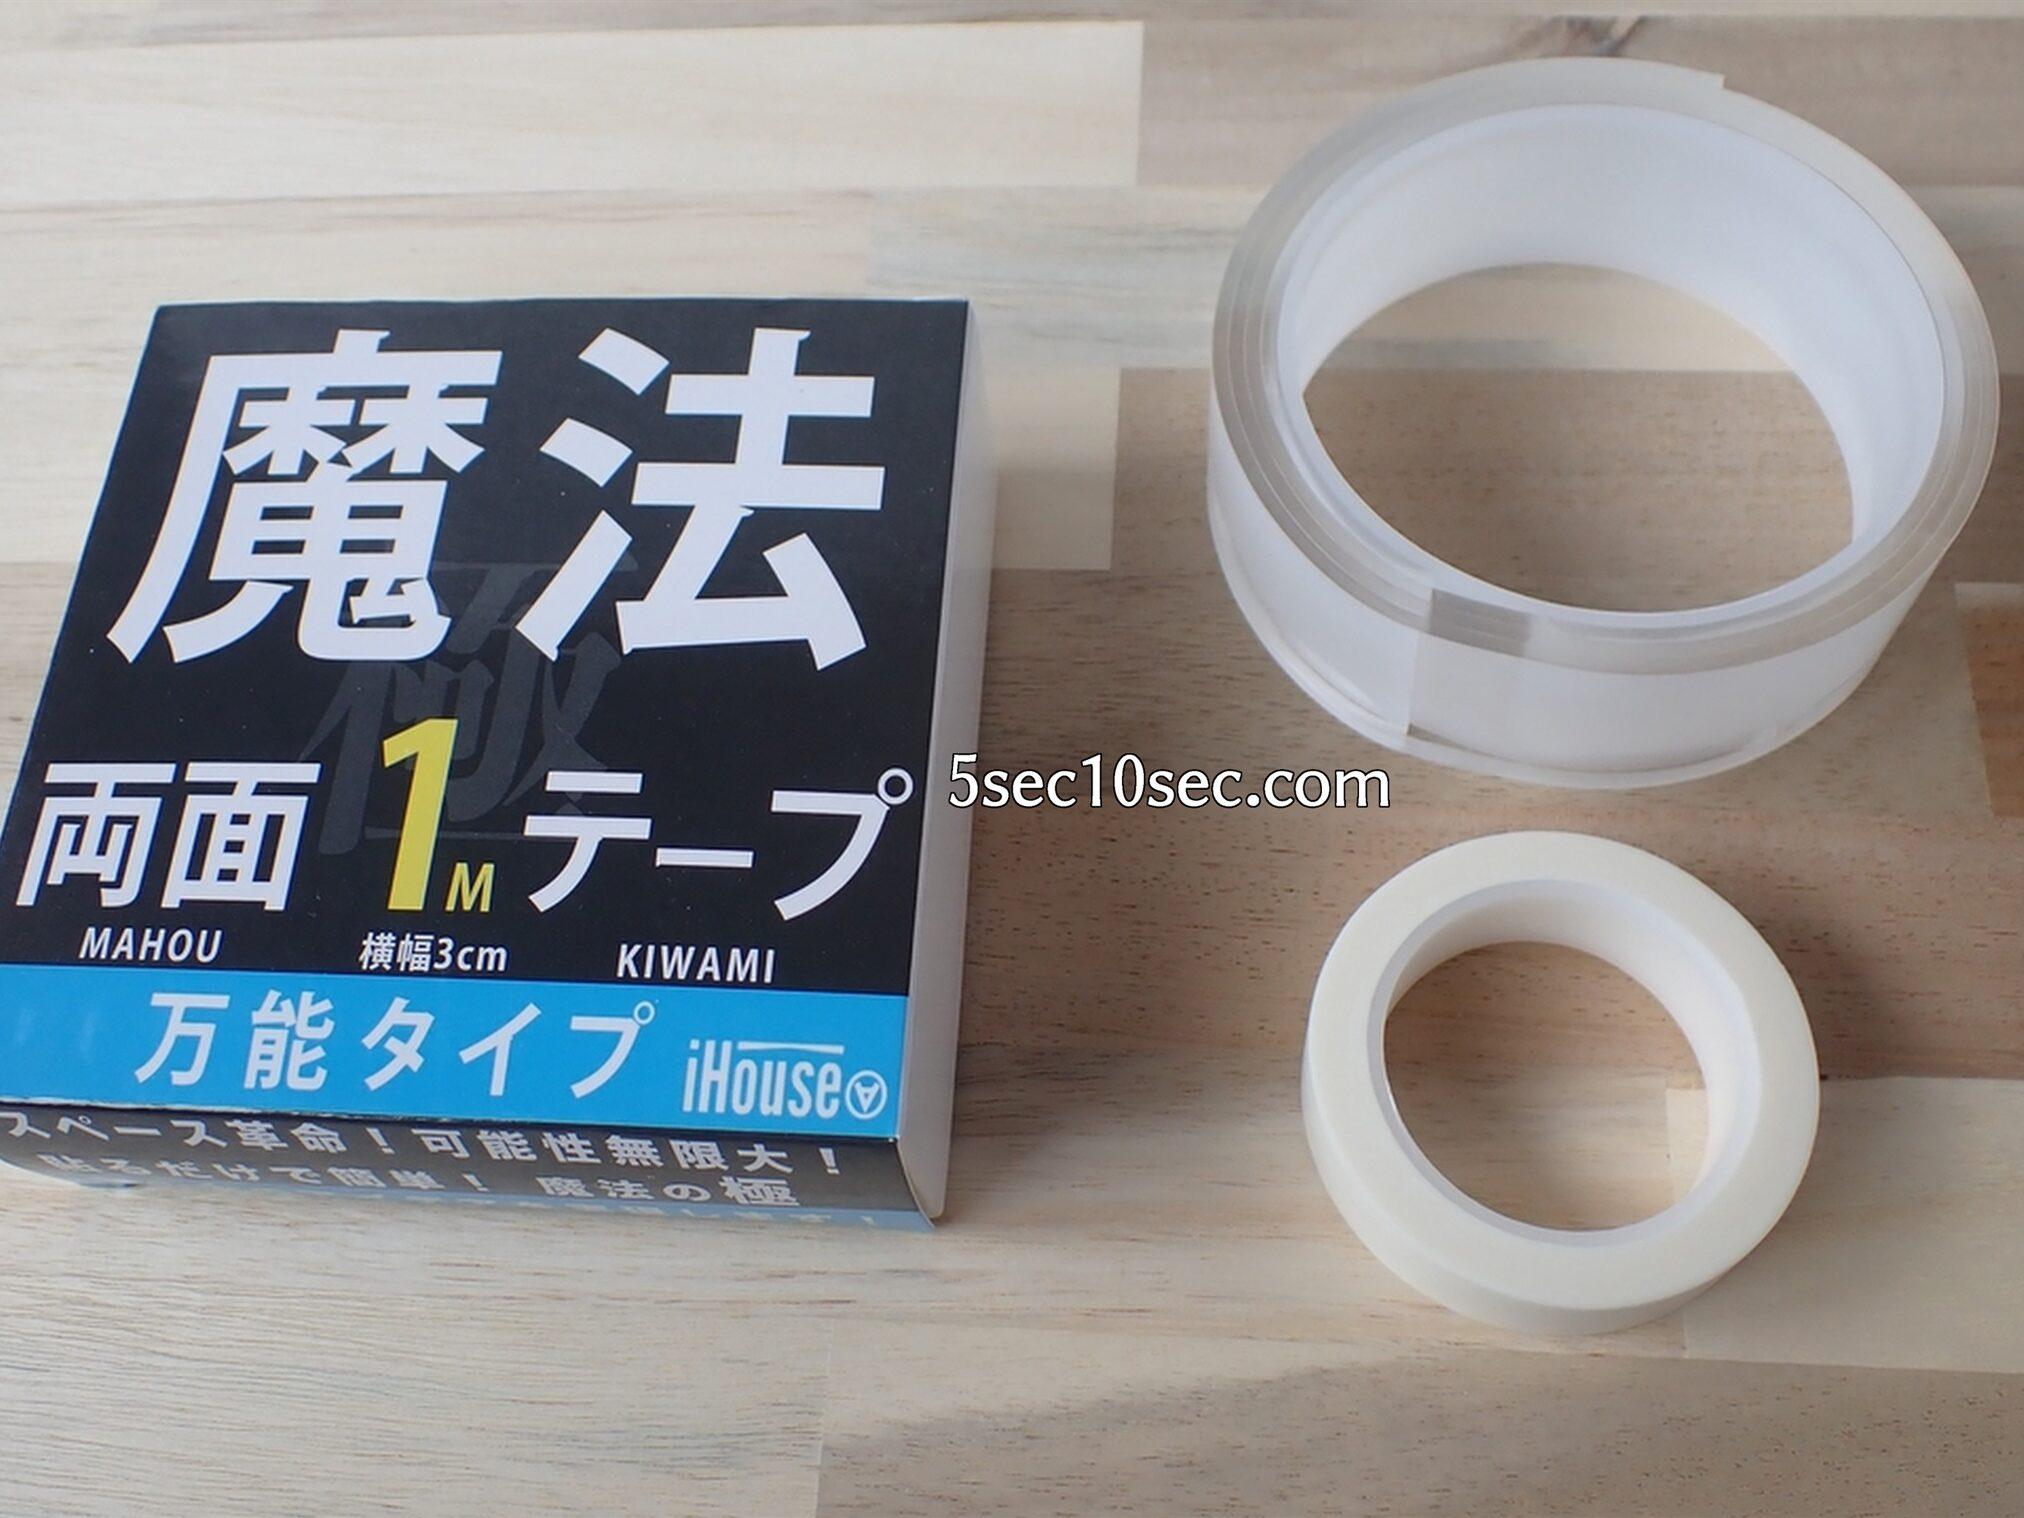 防災士監修 両面テープ 超強力 はがせる 魔法テープ 魔法のテープ 極 1M マスキングテープつきです